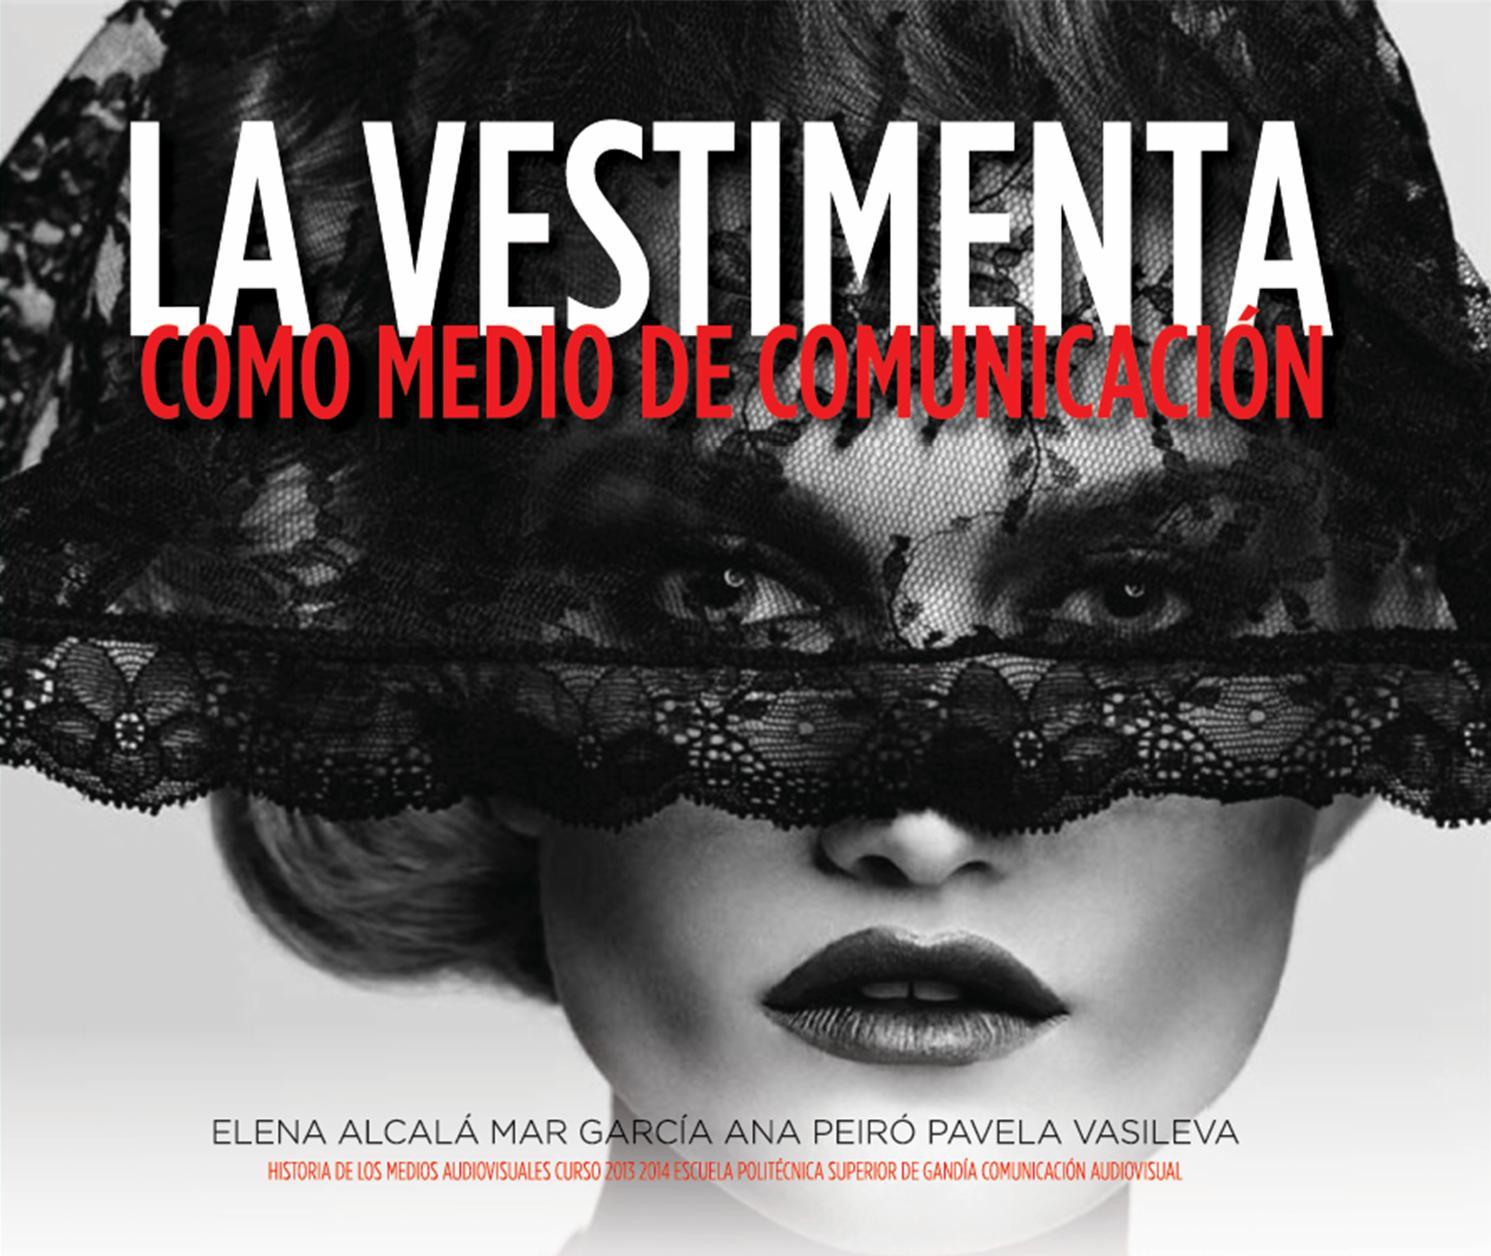 La vestimenta y portadas by Mar García Ribes - issuu 3bdbad85df5de